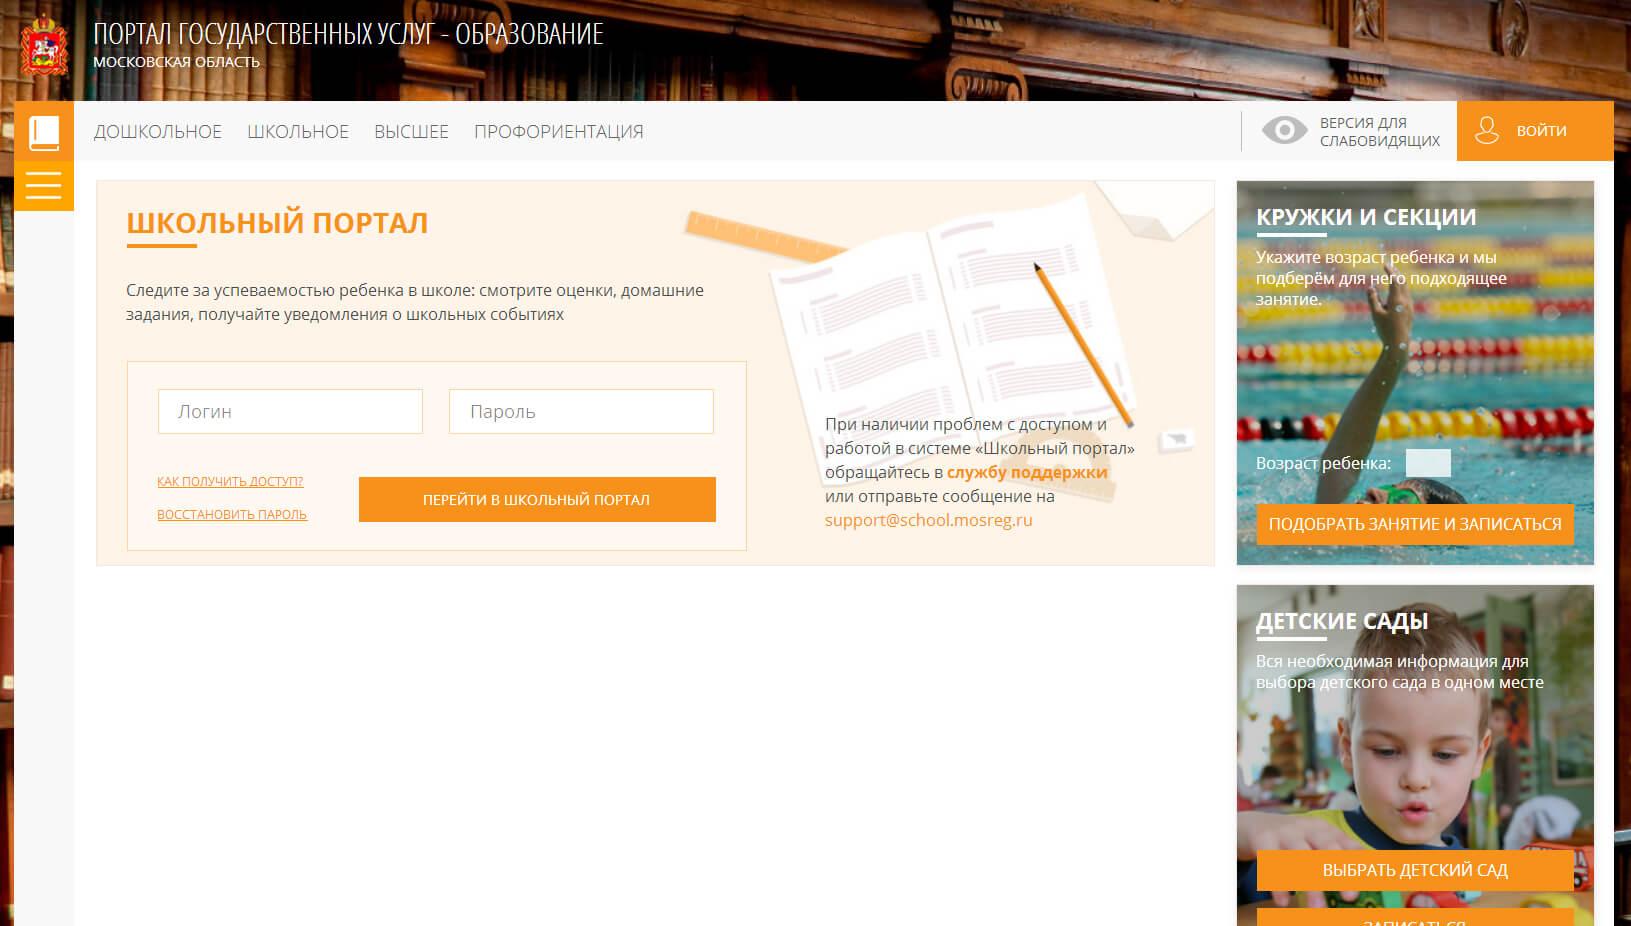 Как зайти в пенсионный фонд личный кабинет по логину и паролю минимальный размер пенсии омск